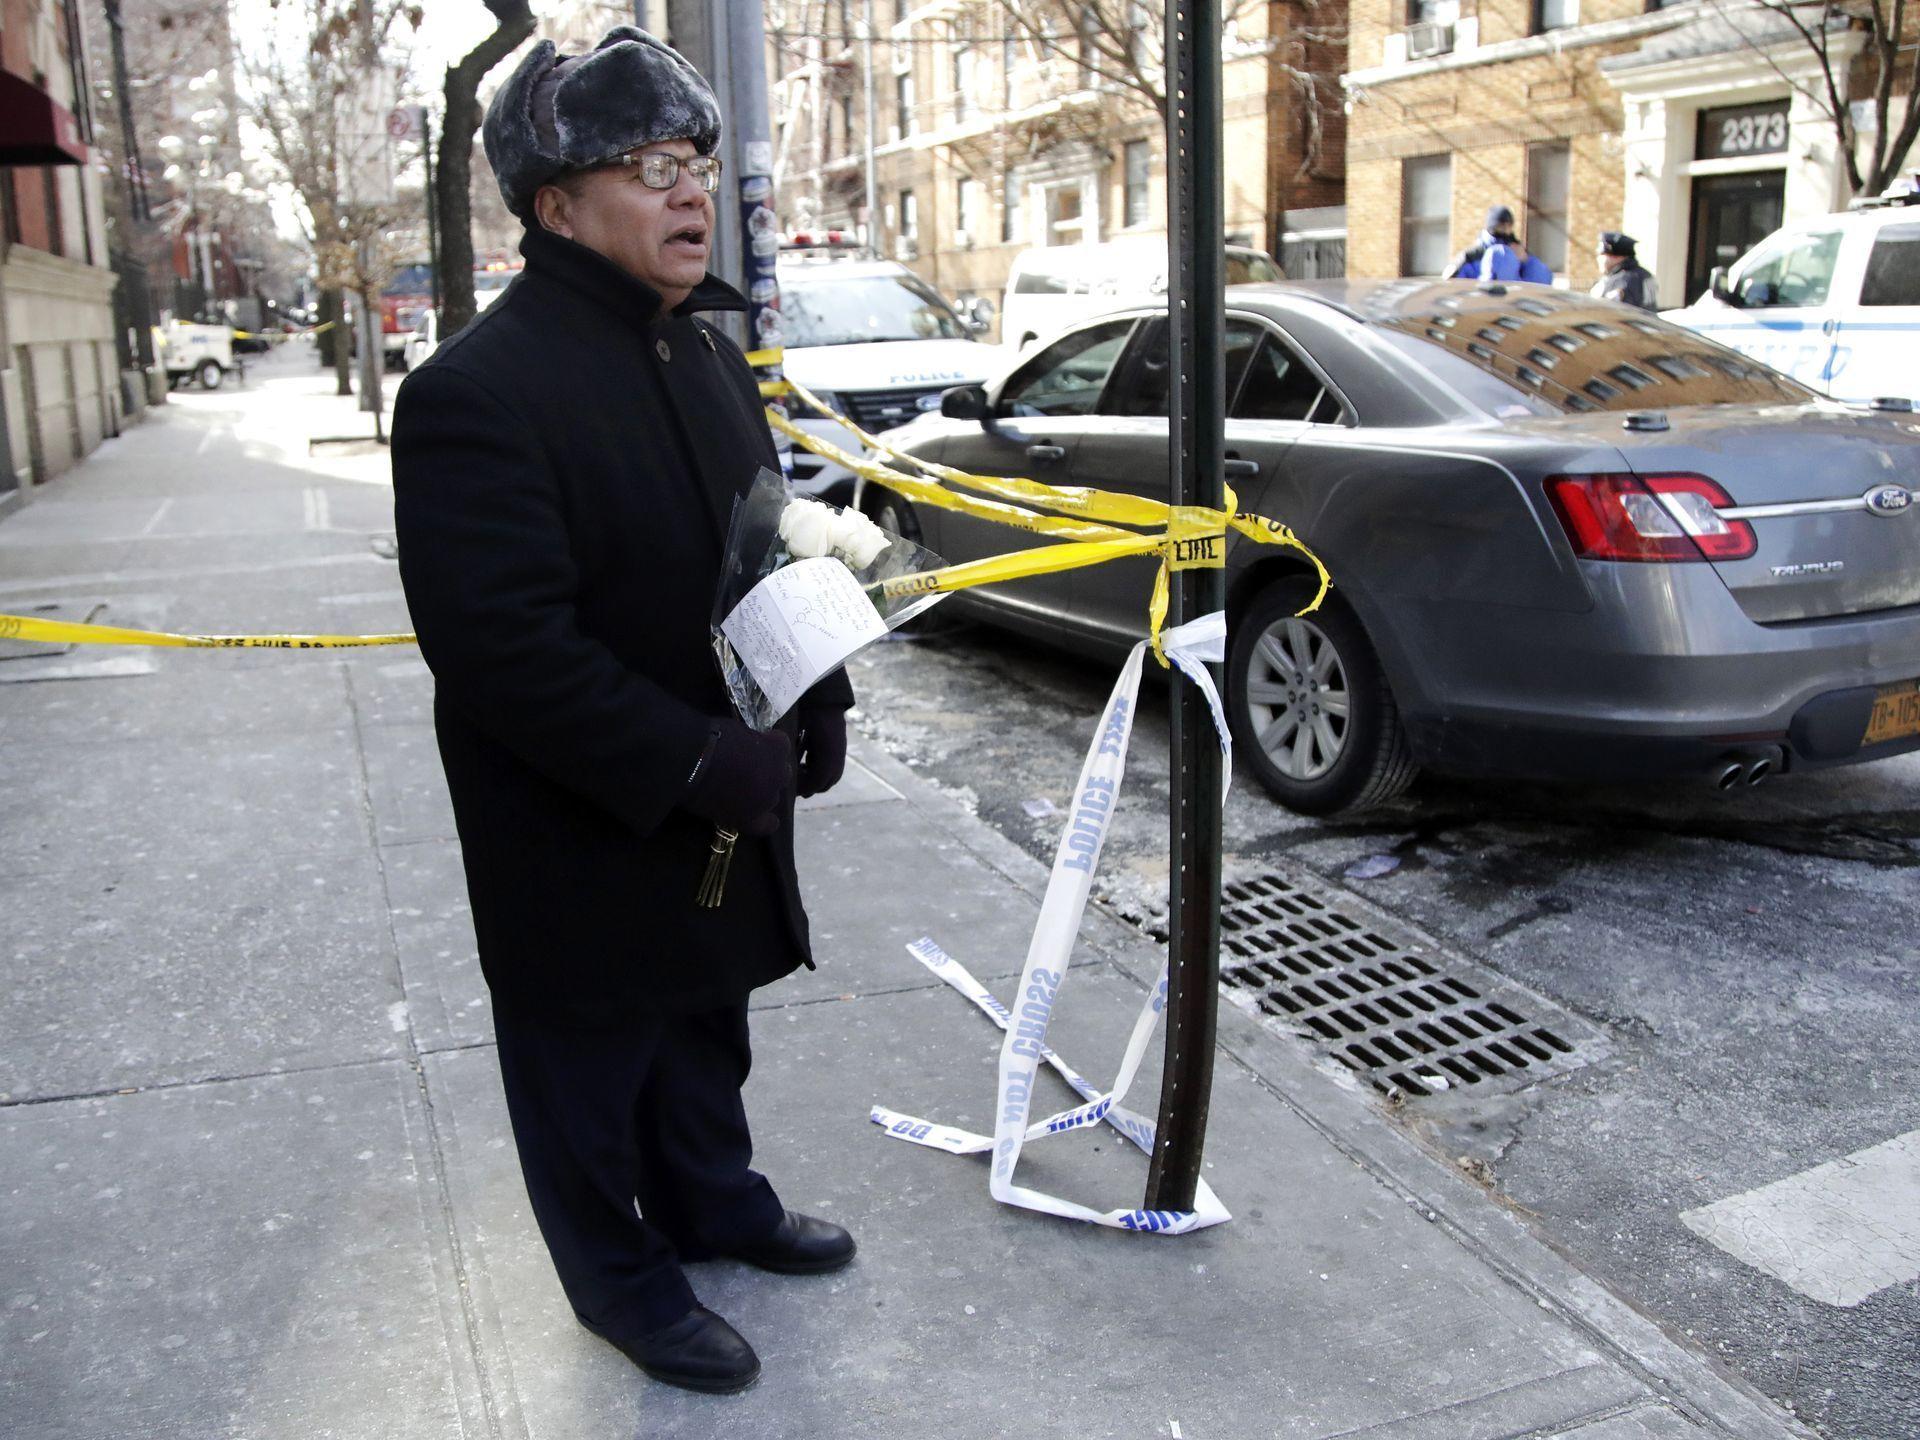 کشته شدن 12 نفر در آتش سوزی آپارتمانی در نیویورک